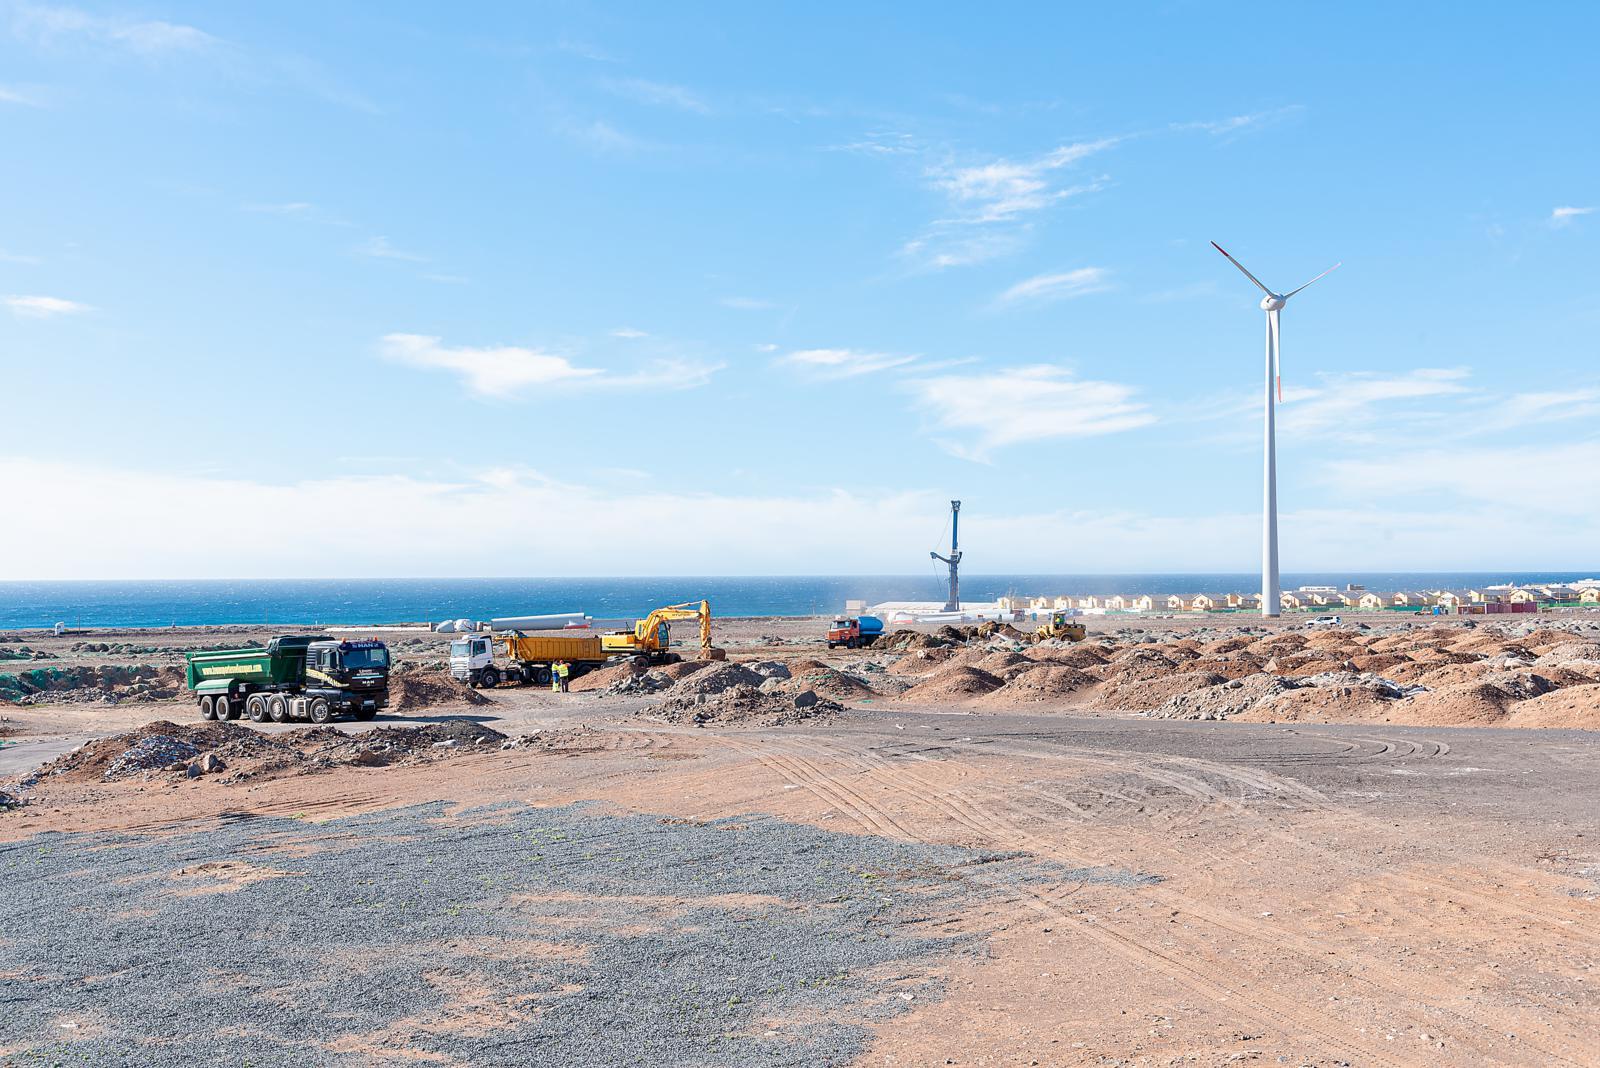 Ecoener consigue el 15% de las ayudas para plantas fotovoltaicas en Canarias, con 35 MW